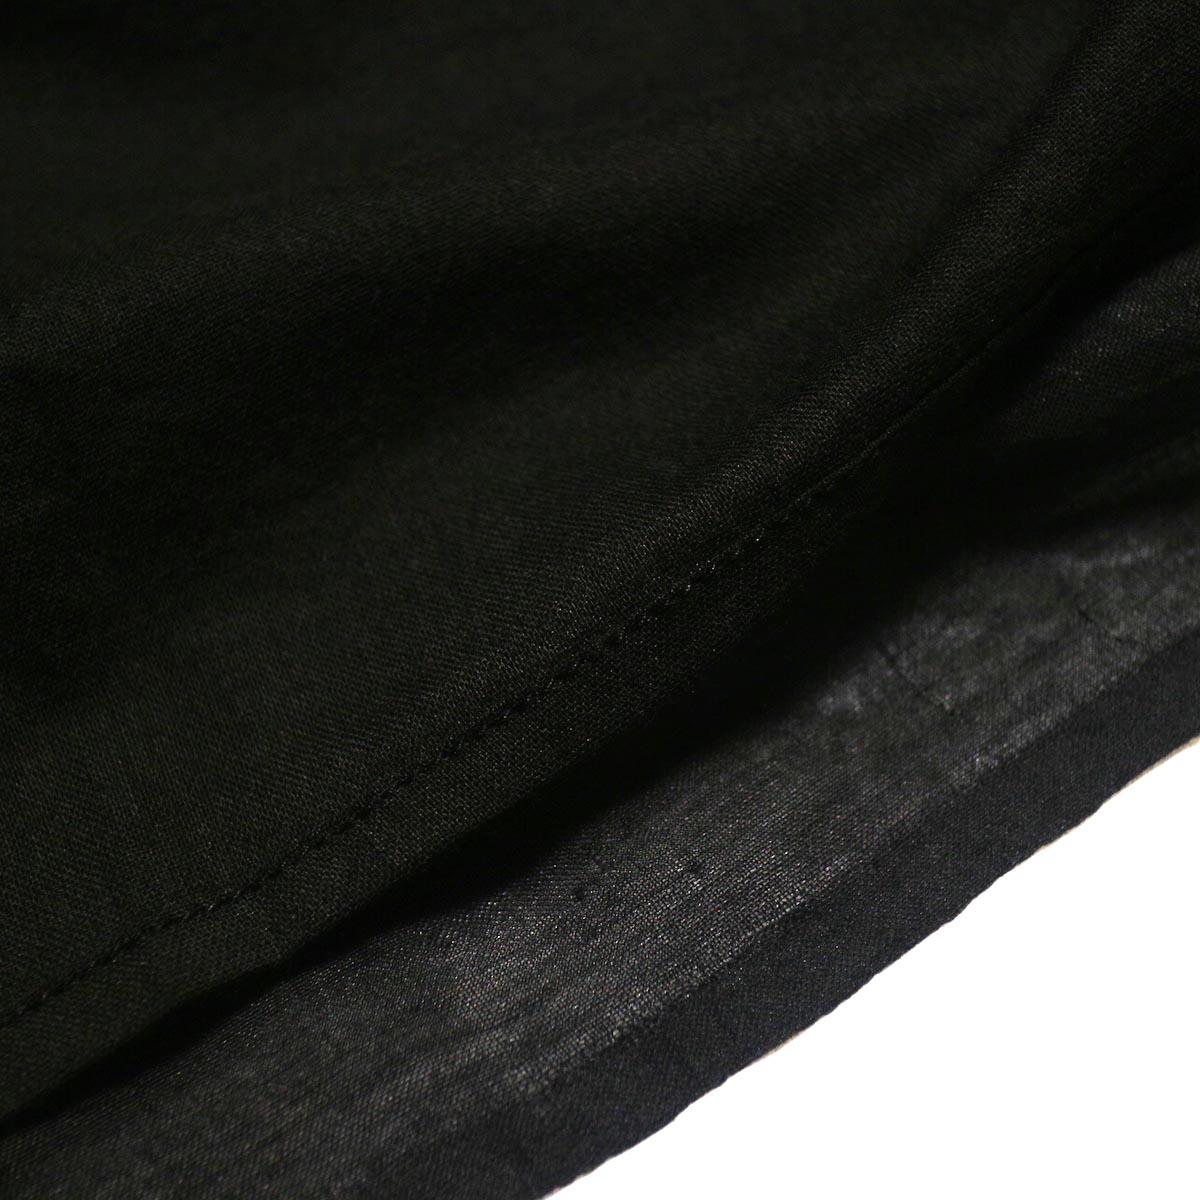 maison de soil / HAND WOVEN COTTON SILK × SILK PLAIN DROP SHOULDER DRESS (black) 裏地